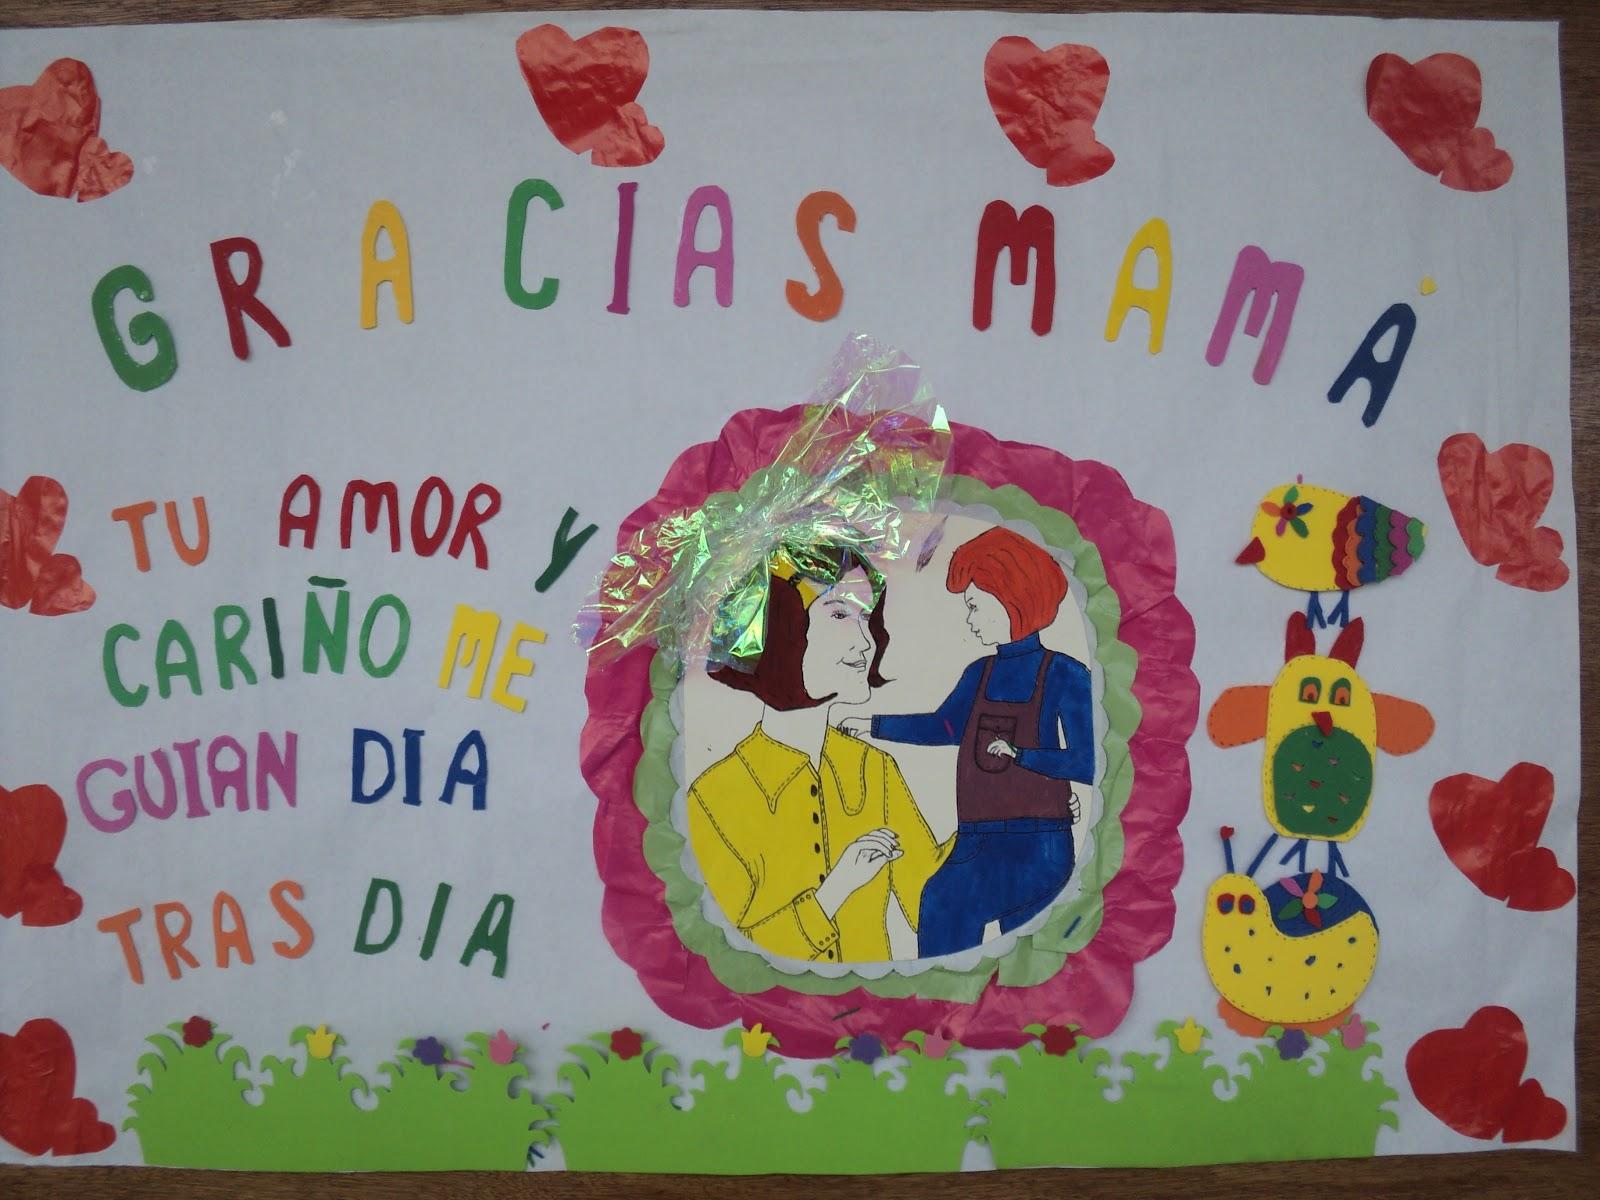 I e del dagua cartelera alusiva a la madre for Mural una familia chicana